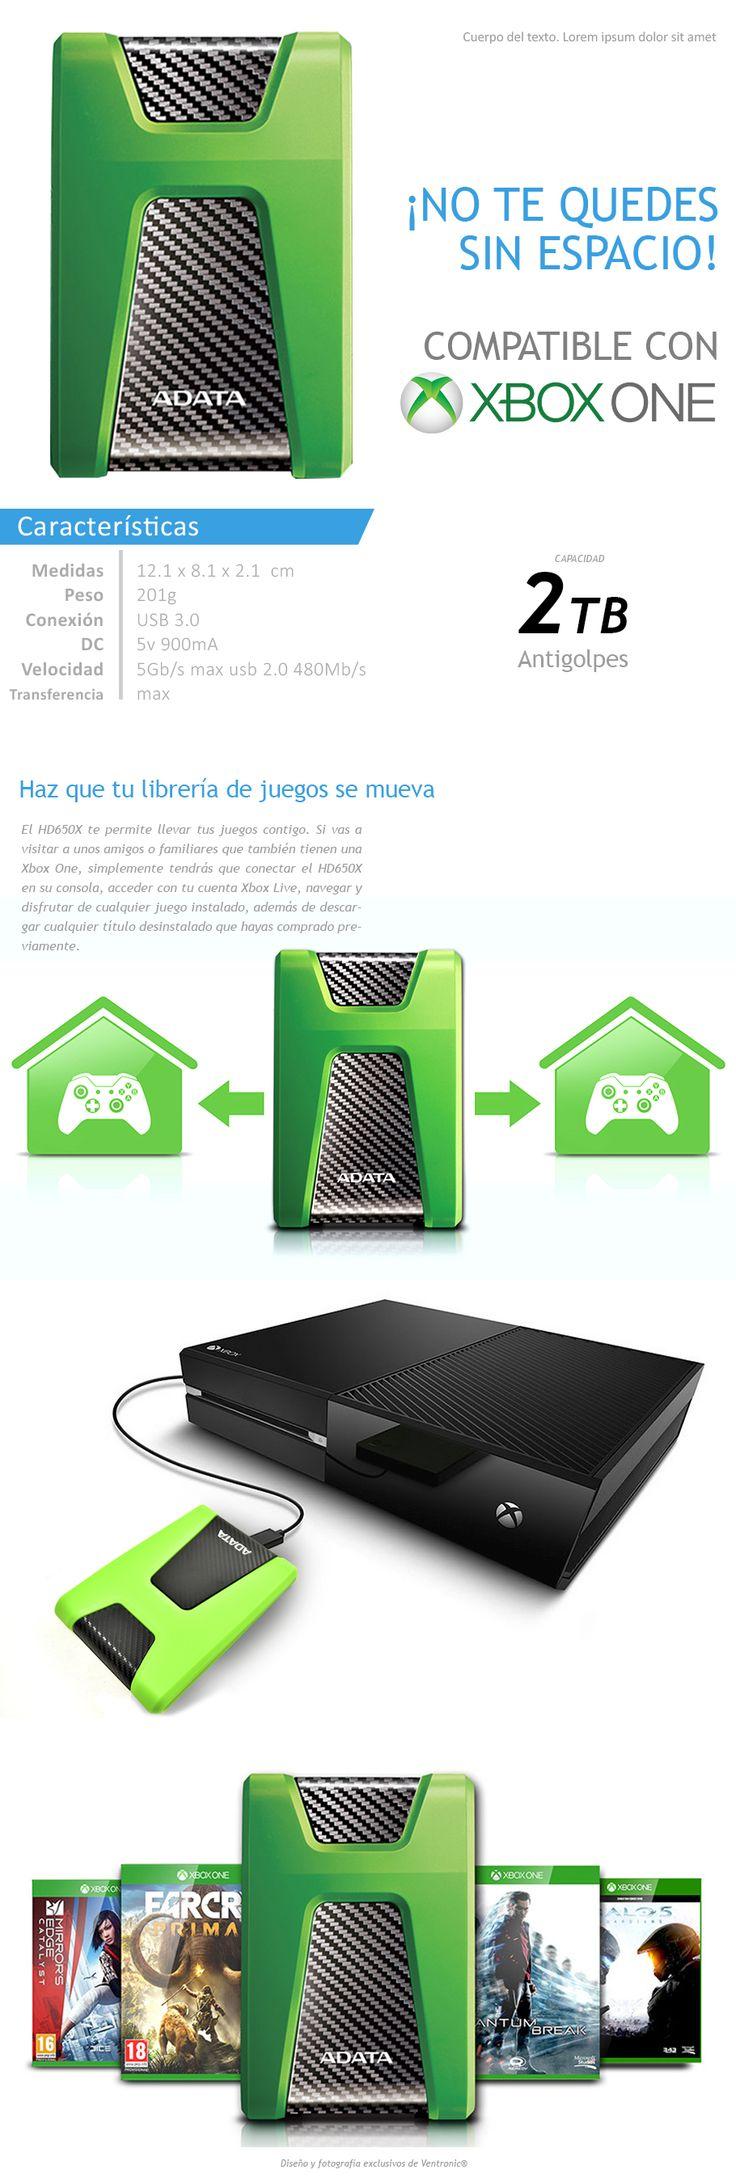 Adata Disco Duro Externo 2tb Portatil Xbox One Hd650x Verde - $ 2,112.99 en Mercado Libre